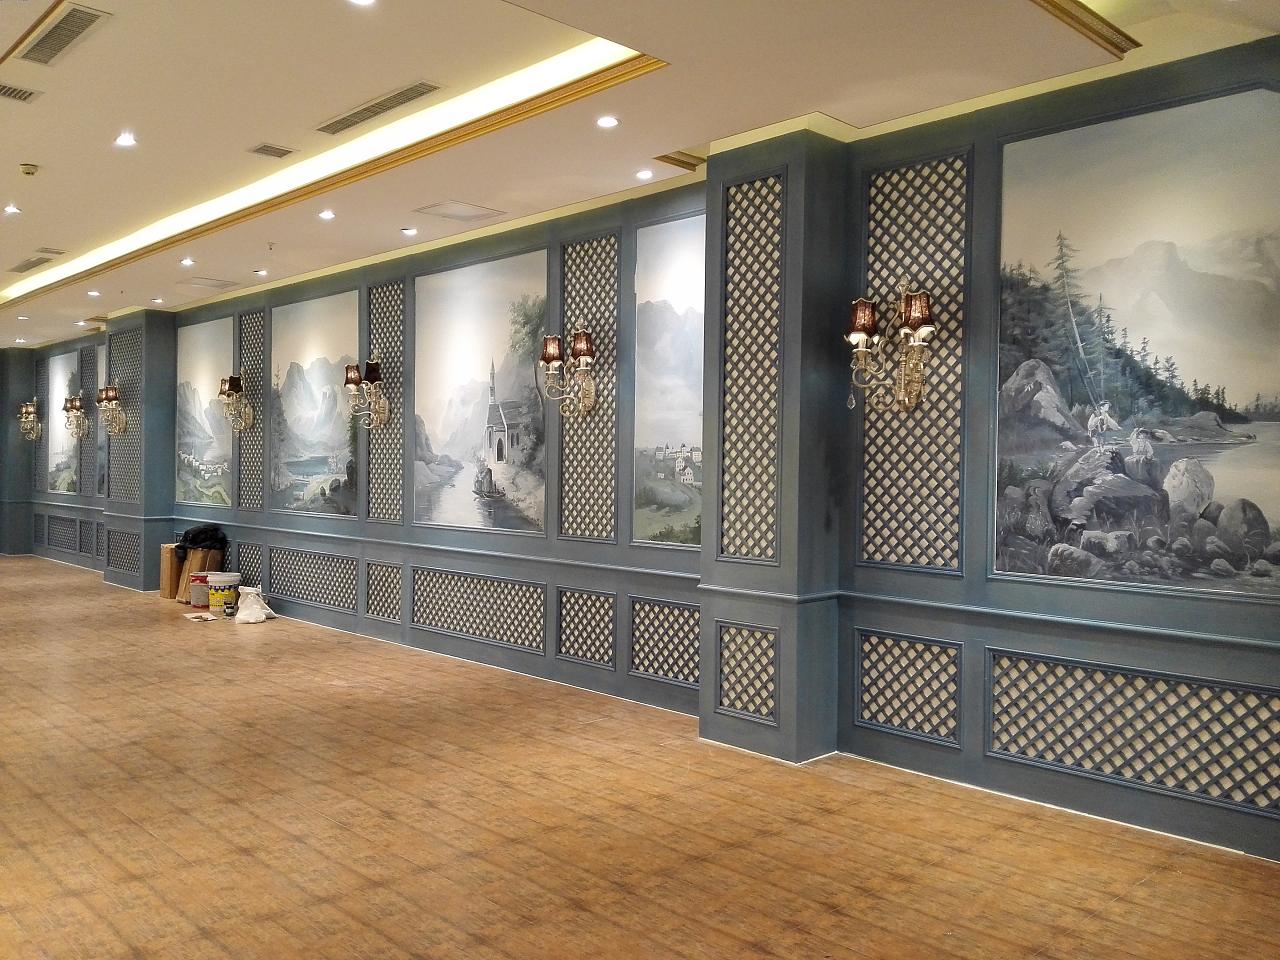 墙体手绘|其他|墙绘/立体画|wk8629296 - 原创作品